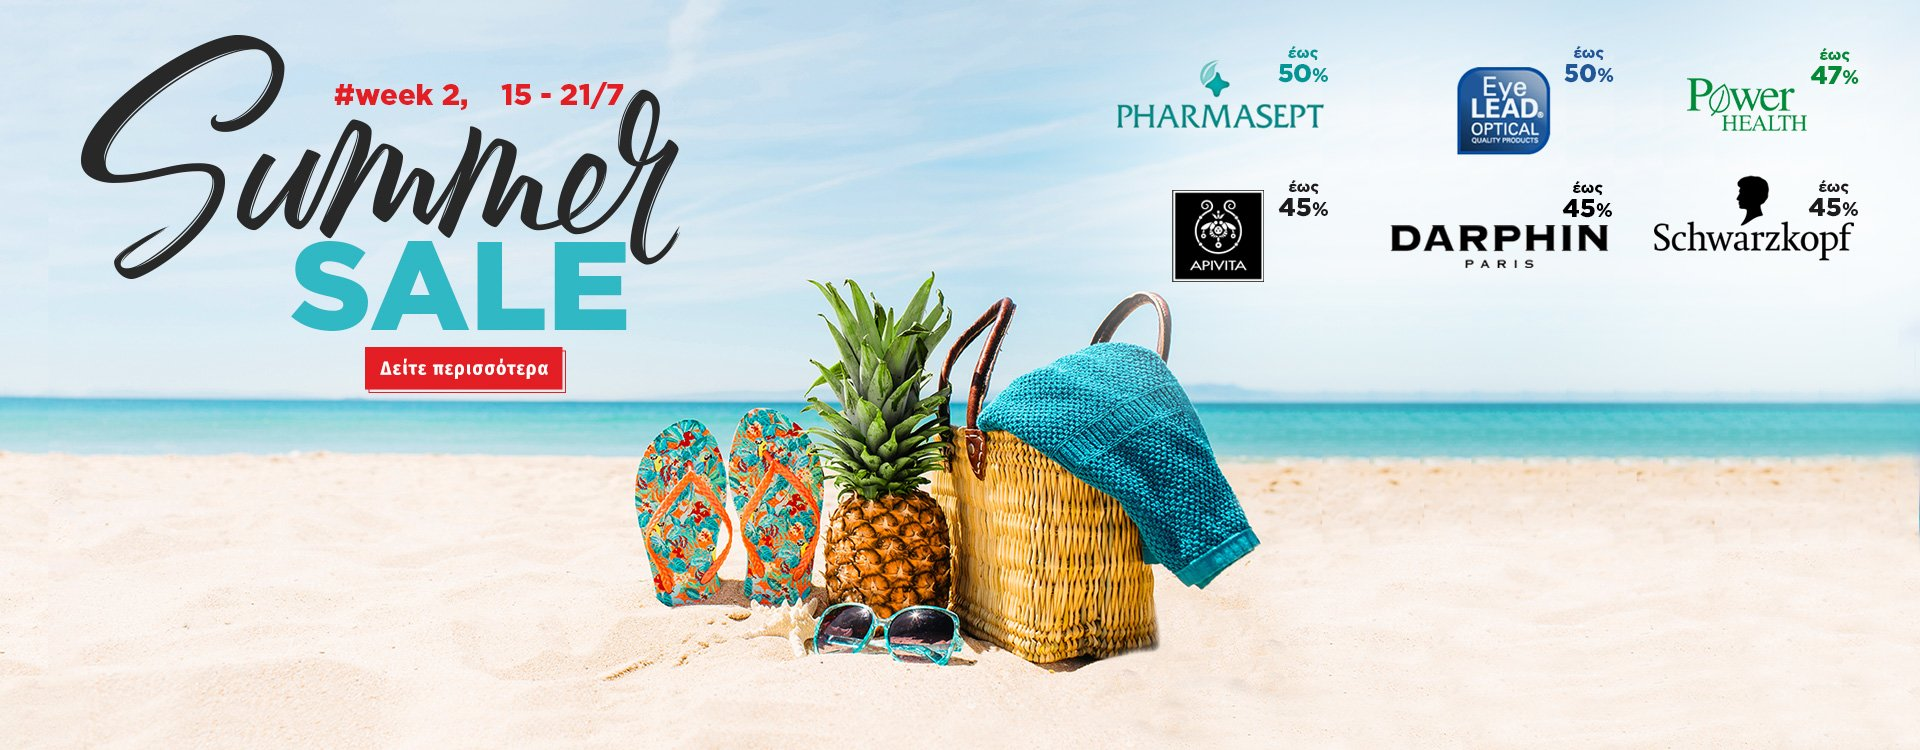 Summer Sales Week 2